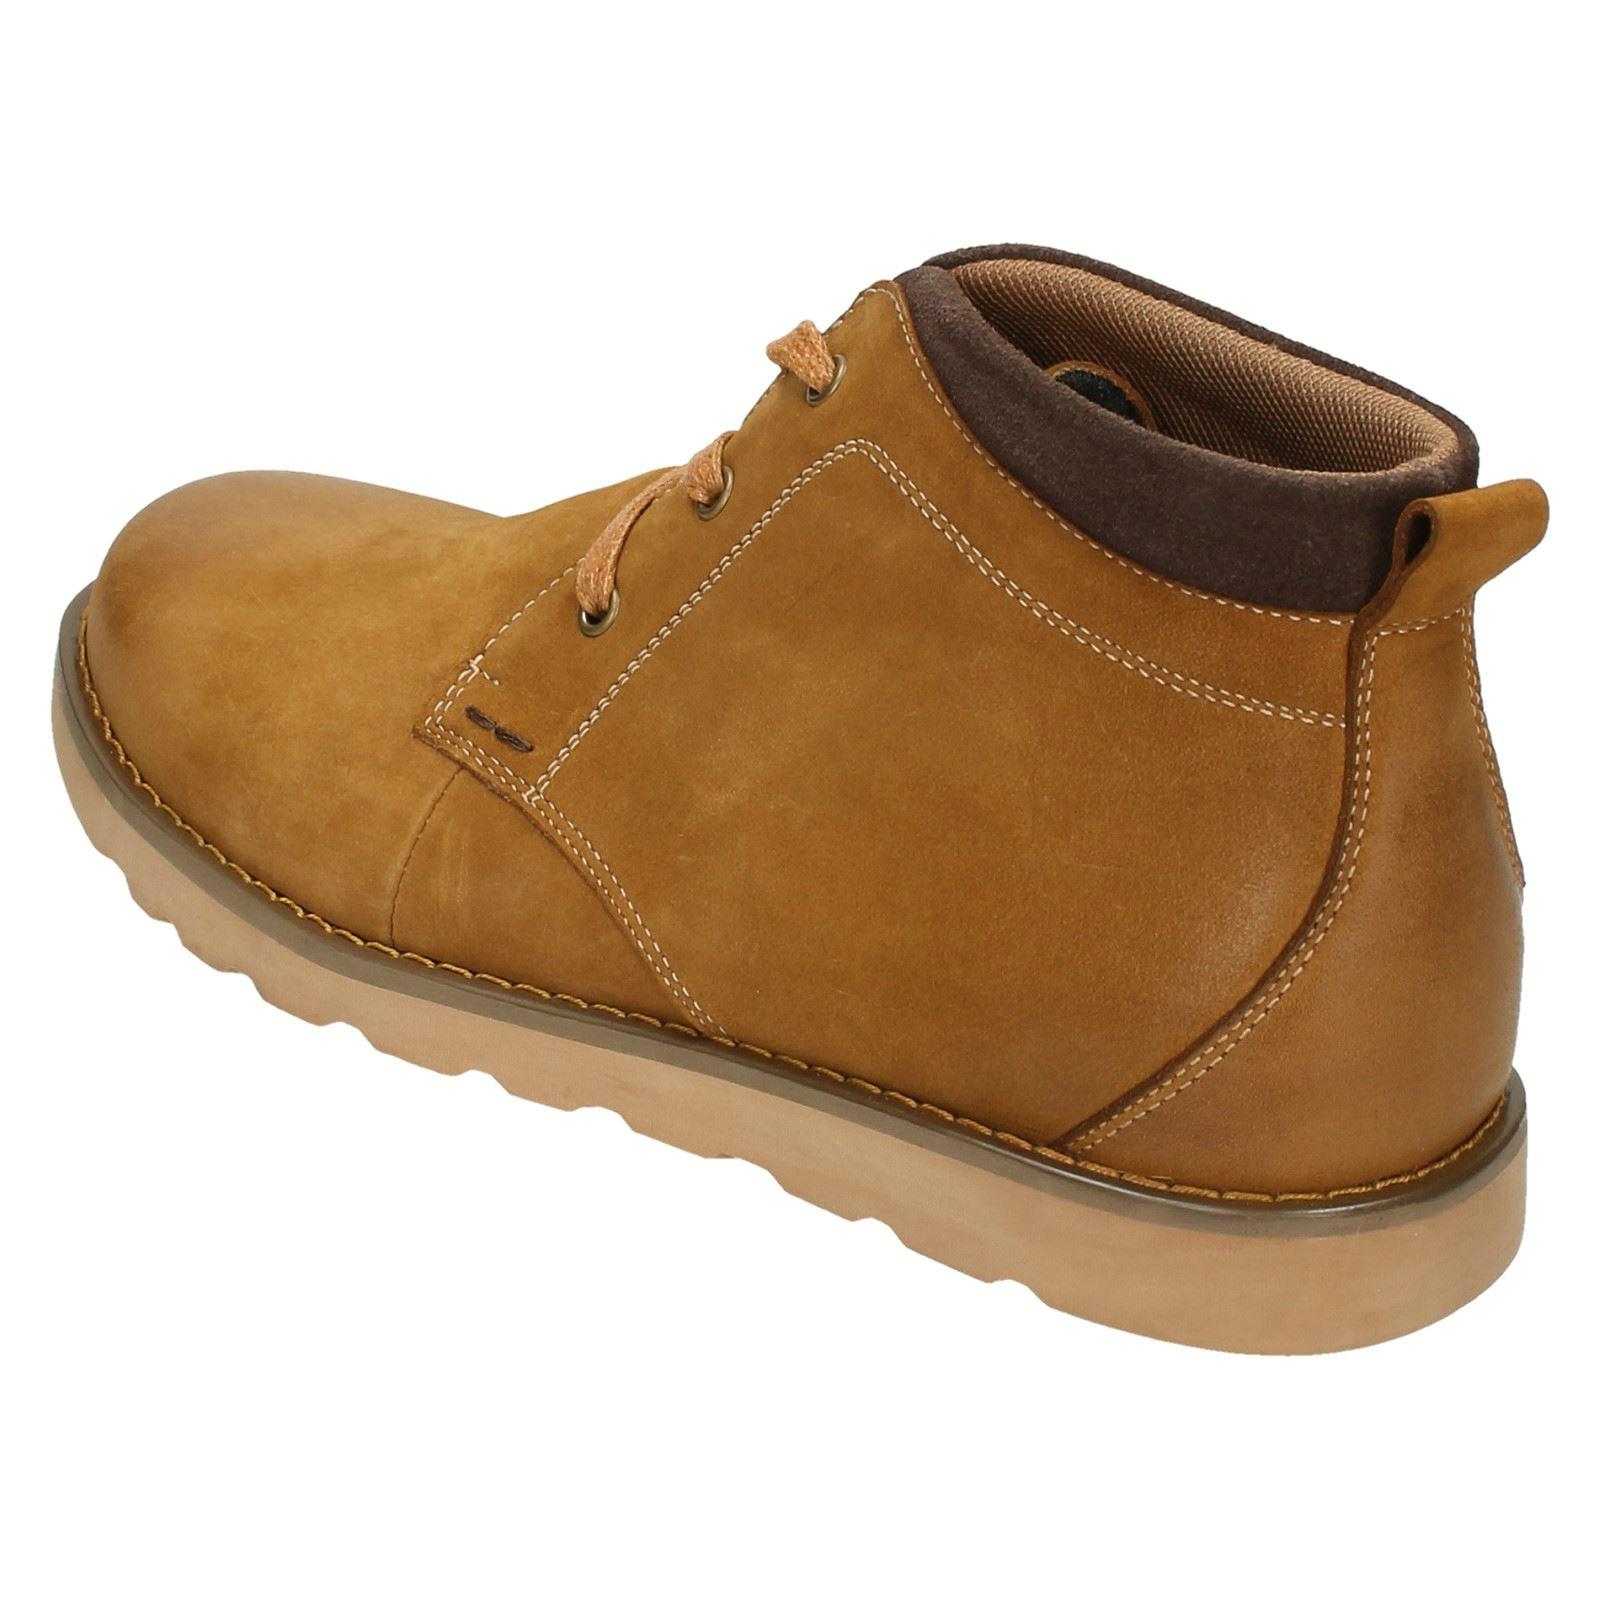 Uomo Blunt Thomas Blunt Uomo Casual Ankle Stiefel 5e38e5